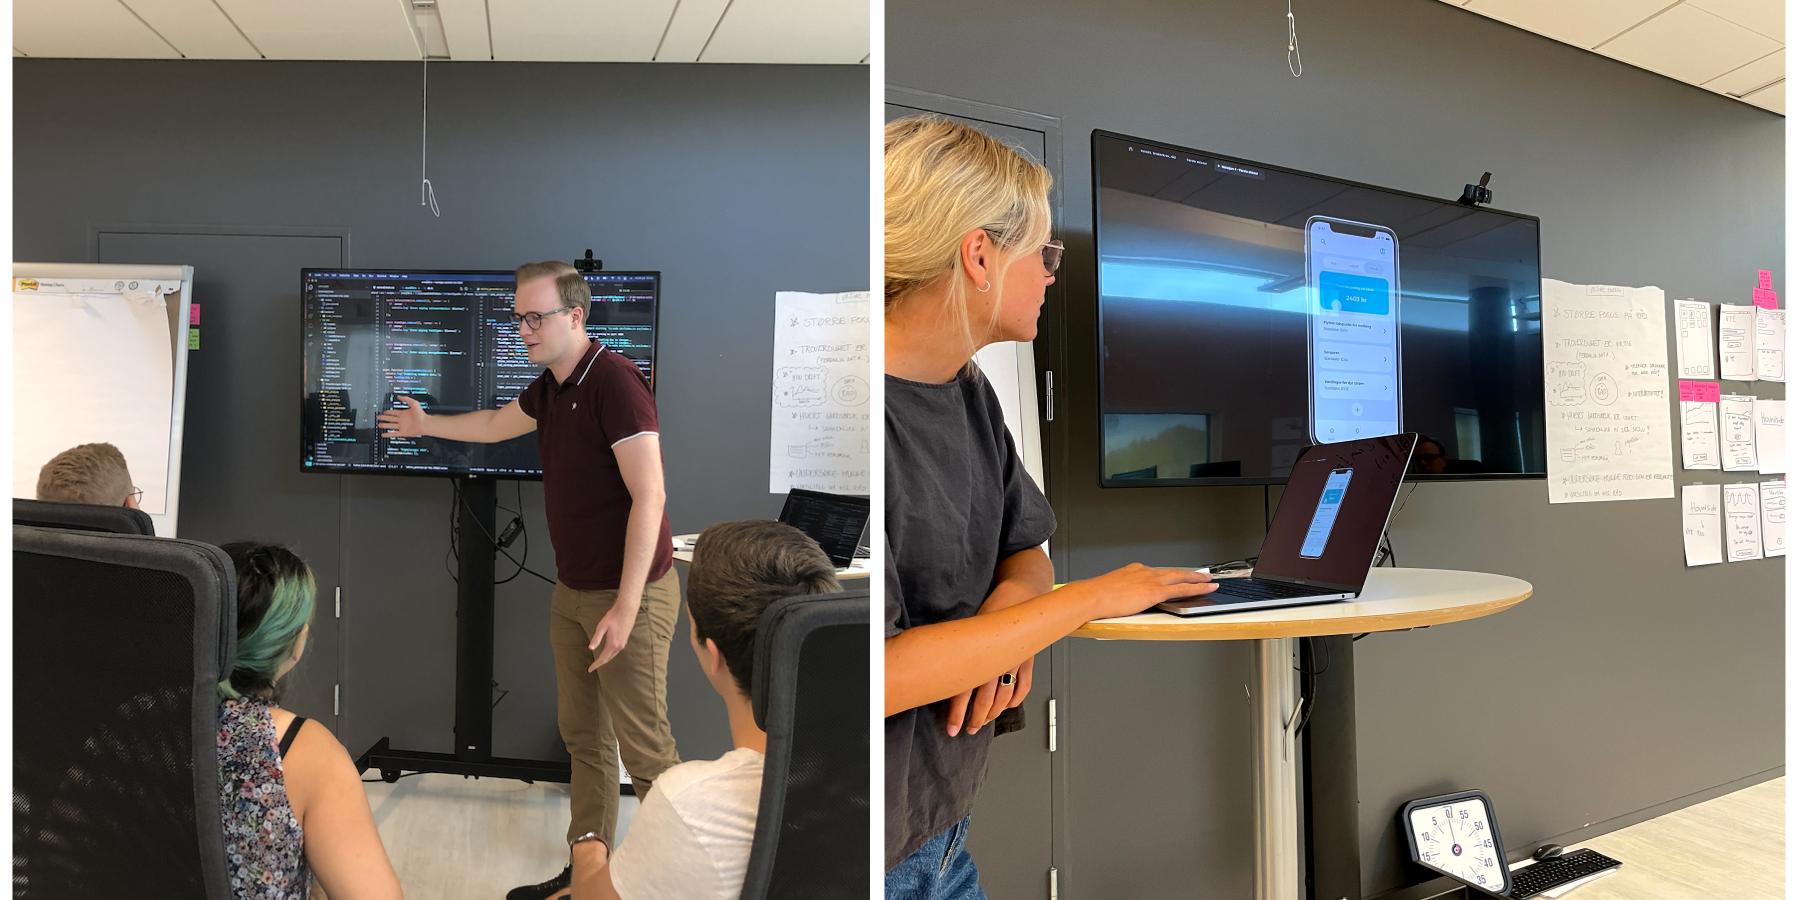 David forklarer noe i koden på storskjermen mens resten av utviklerne følger med. Og Vilde viser frem designendringer på storskjerm.